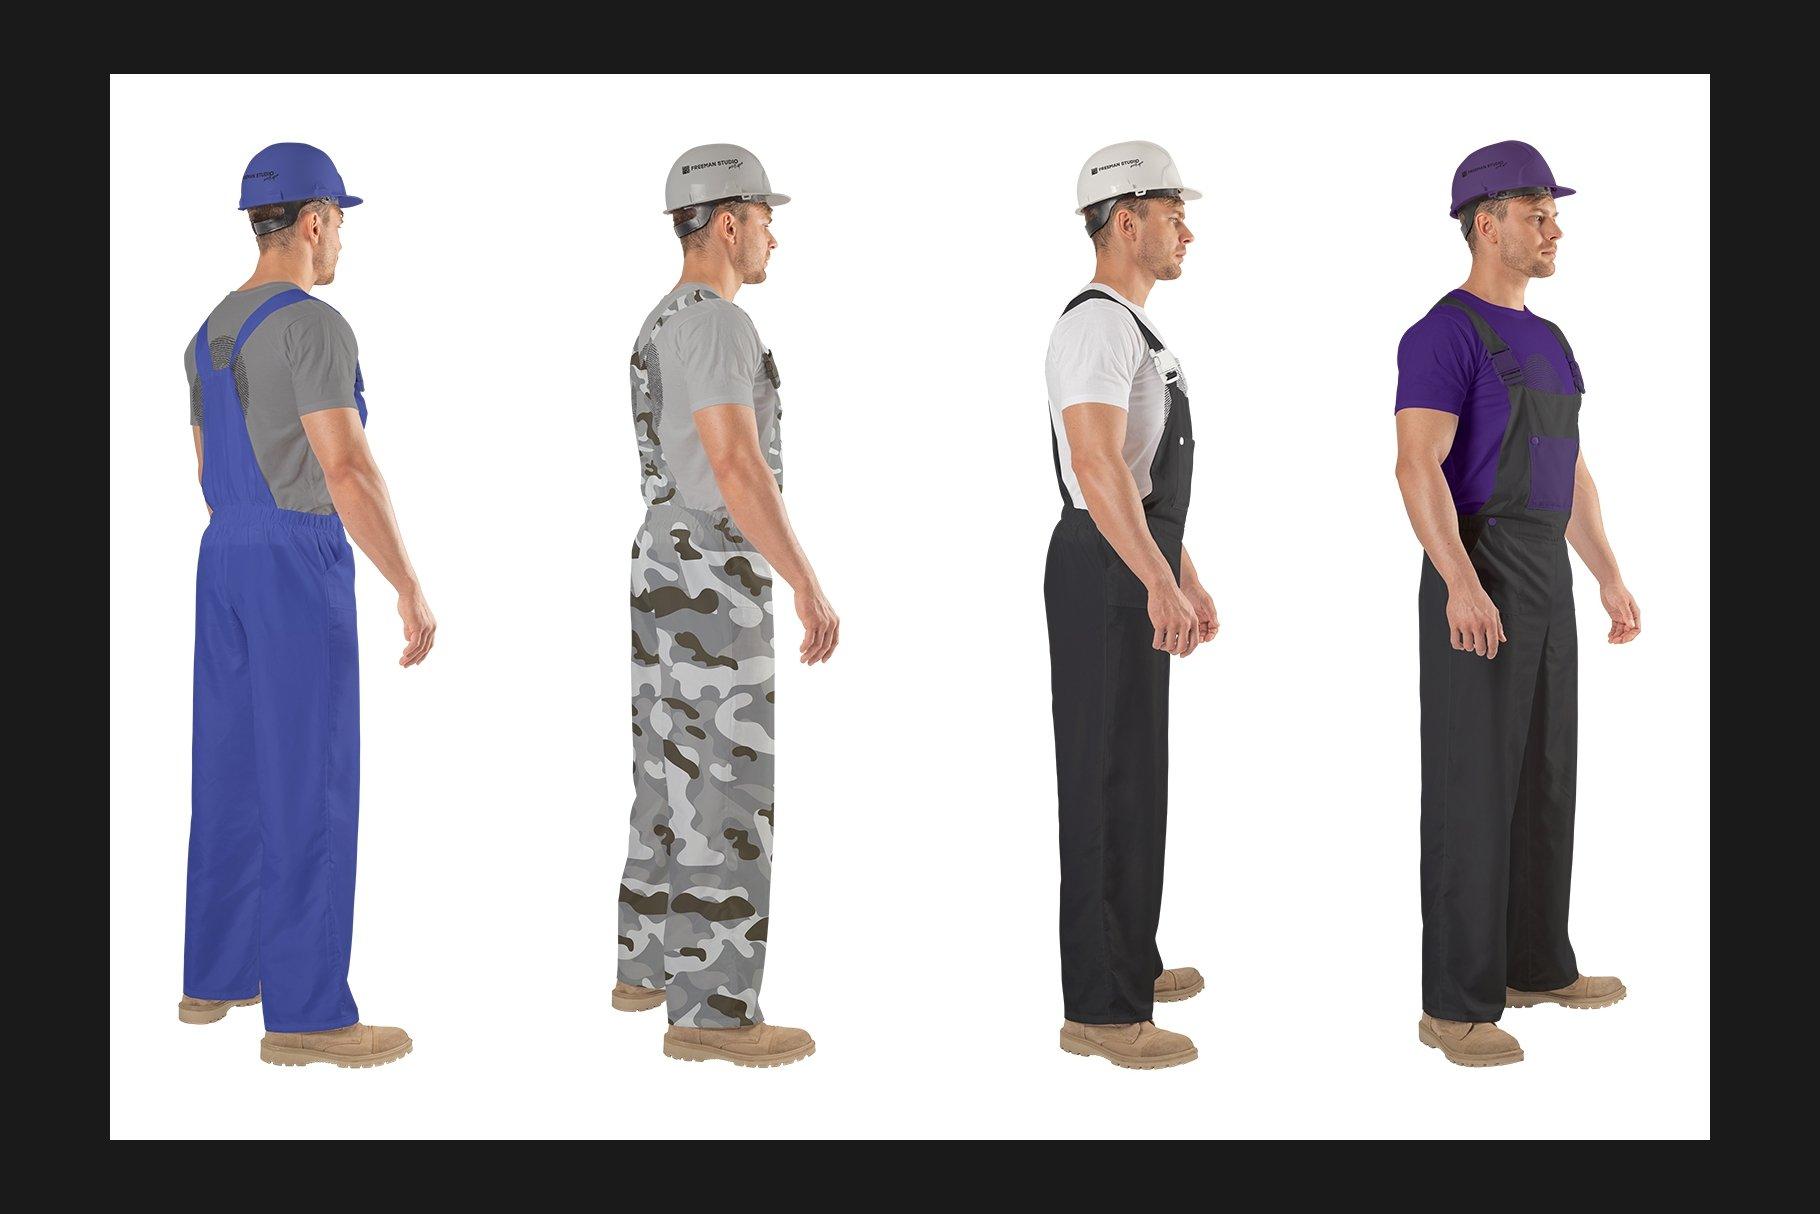 45个超大工装帽子安全帽品牌Logo设计智能贴图样机PSD模版素材 Working Overalls Suit Mock-Up Set插图5